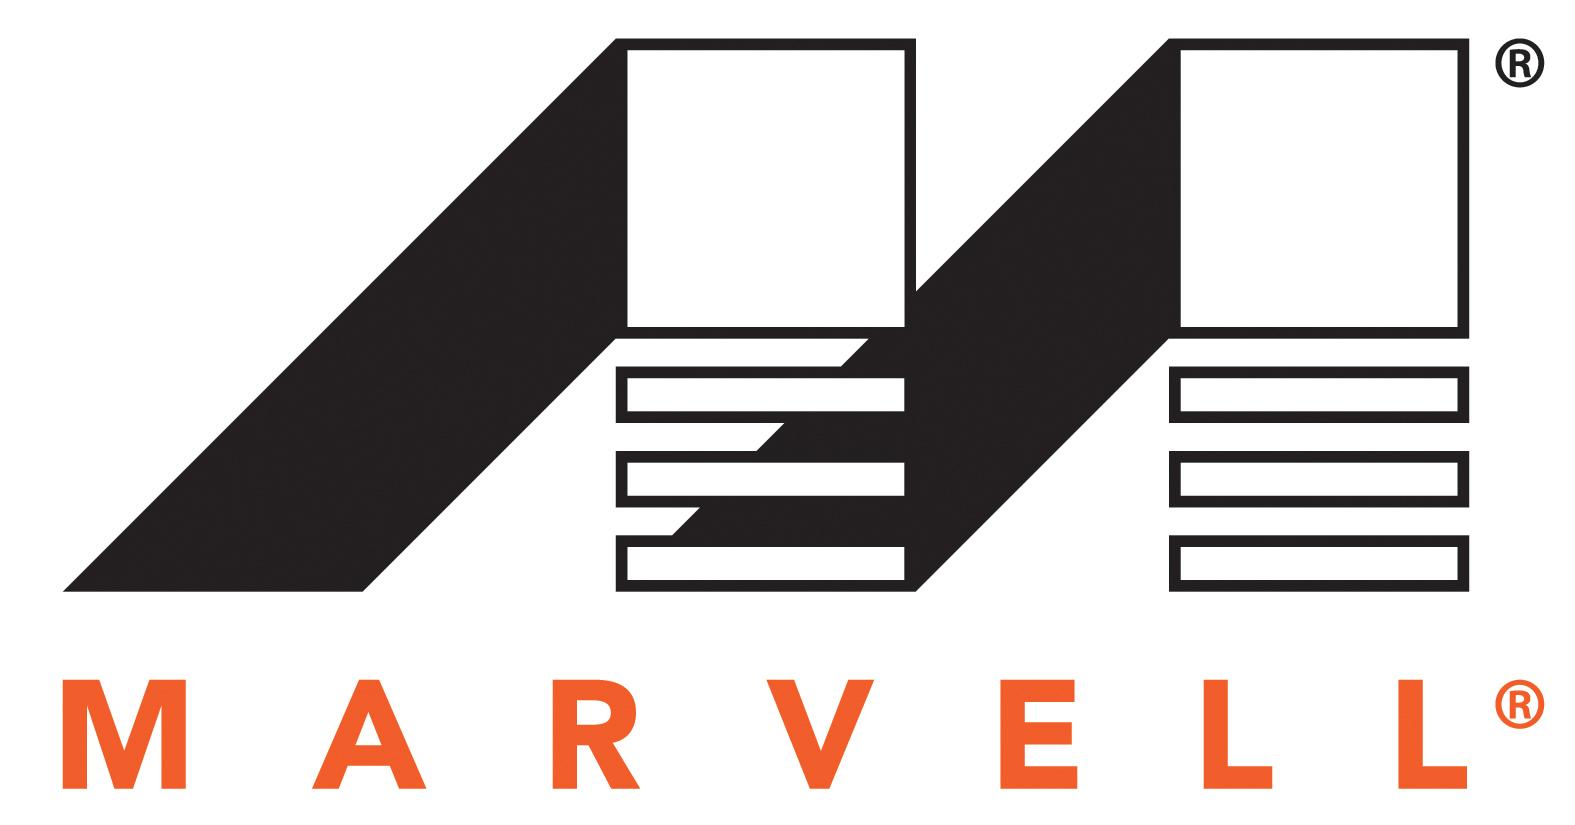 MARVELL TECHNOLOGY GROUP EN NEGOCIACIONES AVANZADAS PARA FUSIÓN CON CAVIUM